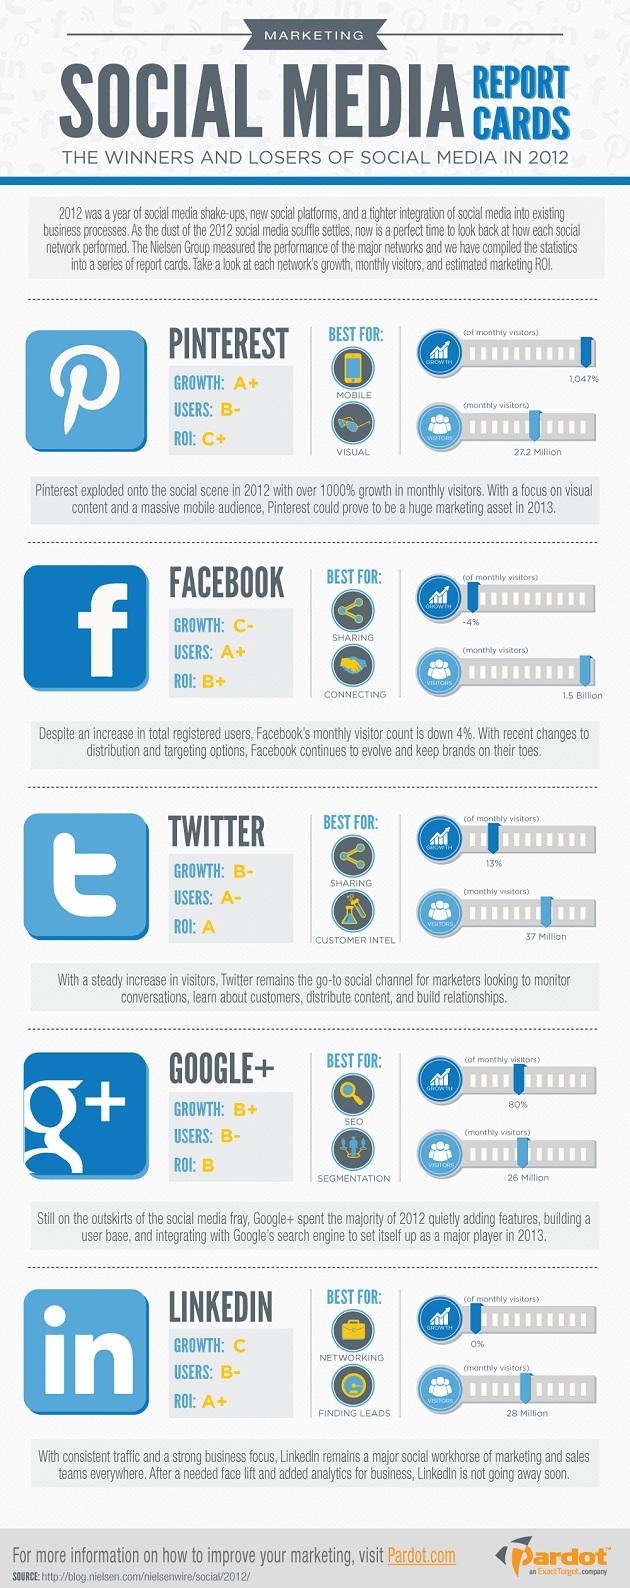 Social Media Recruitment Report Card